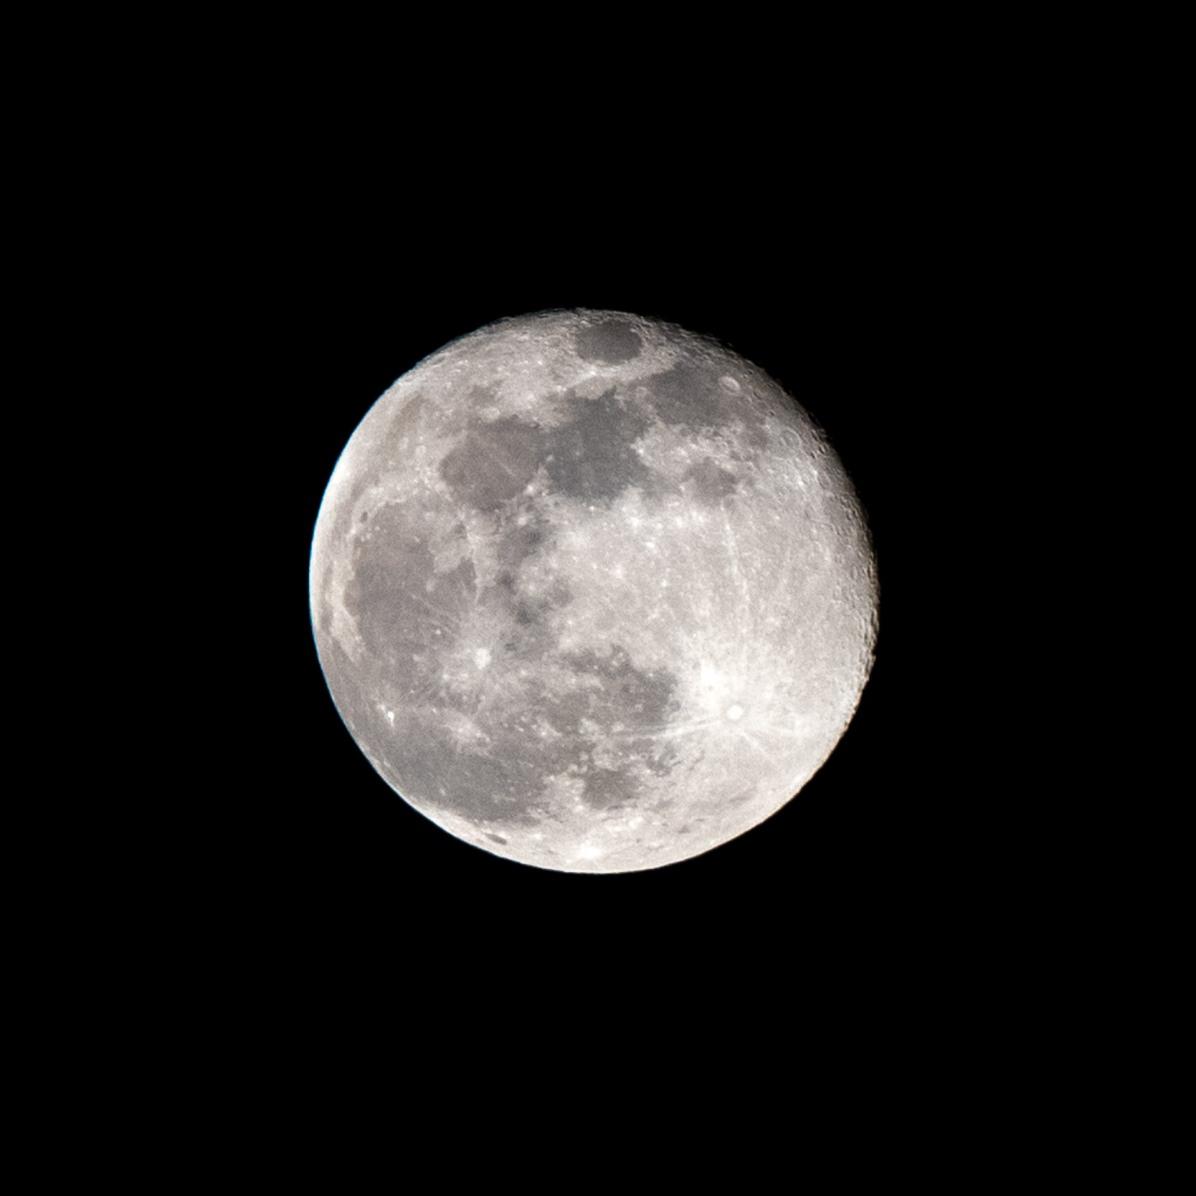 20 februari 2019, de 1e dag na volle maan, afnemende maan. Zie de kraters rechtboven prachtig in beeld! tijdstip opname 21.14 uur. 08.30 Maanopkomst 19.15 uur Maanondergang 08.30 uur (Maan 2)